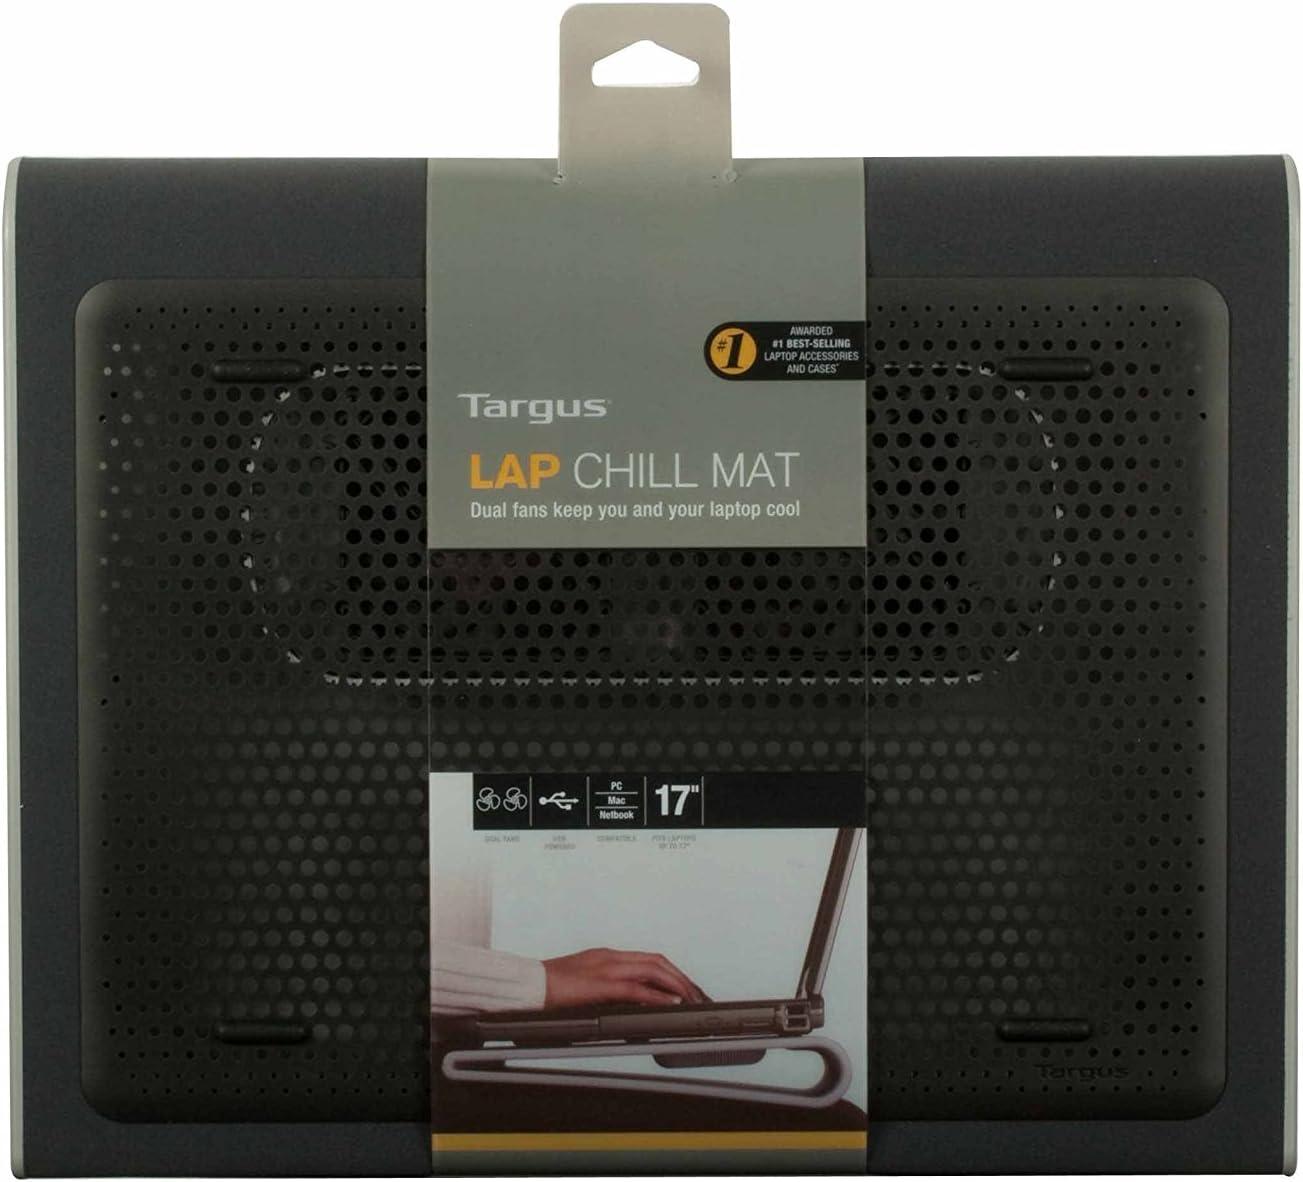 AWE55US Targus Lap Chill Mat for Laptop Black//Gray